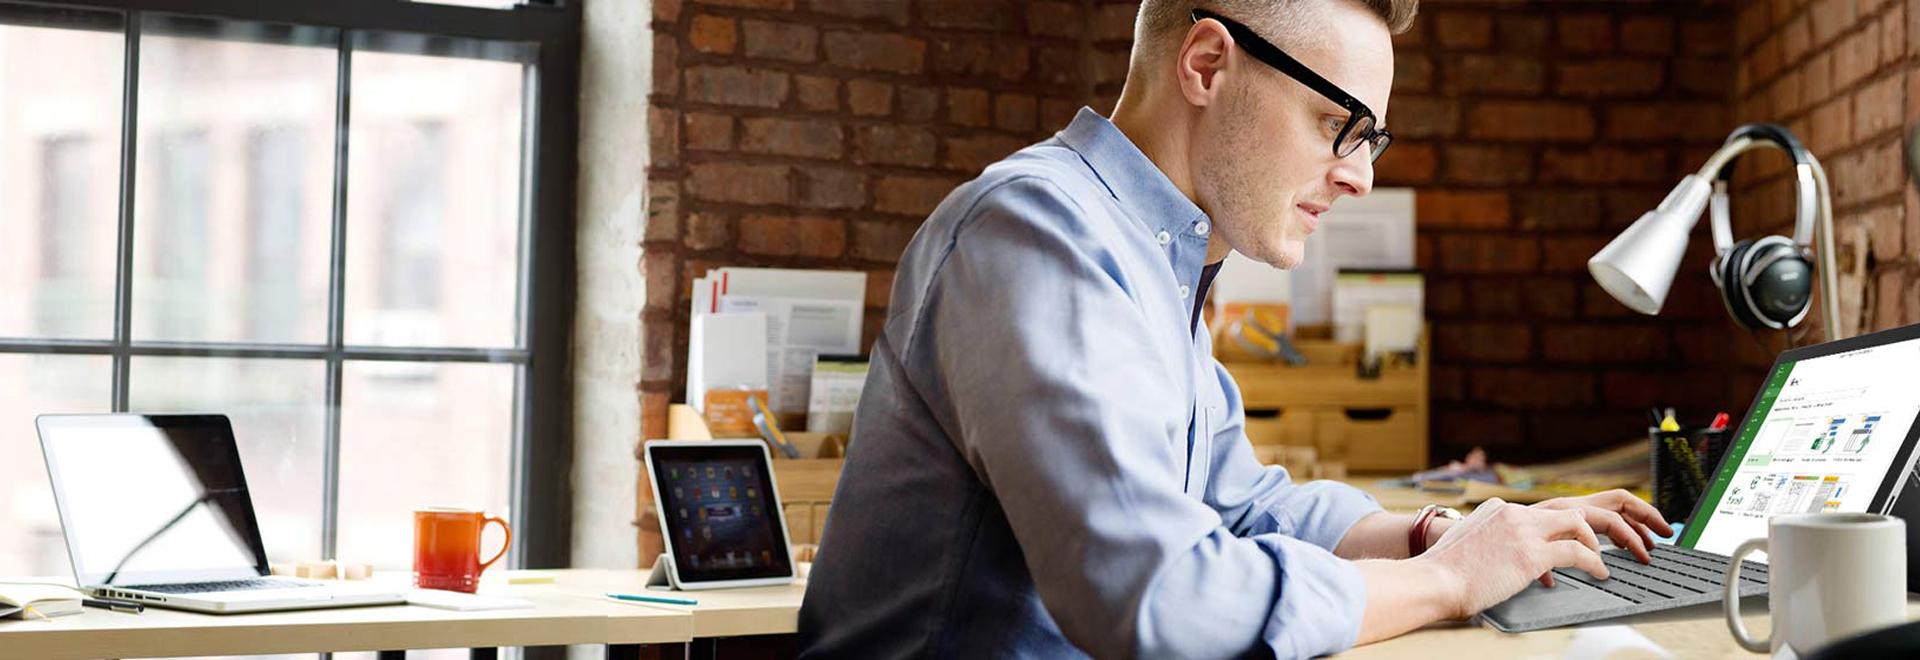 Laua taga istuv mees, kes kasutab Surface'i tahvelarvutis Microsoft Projectit